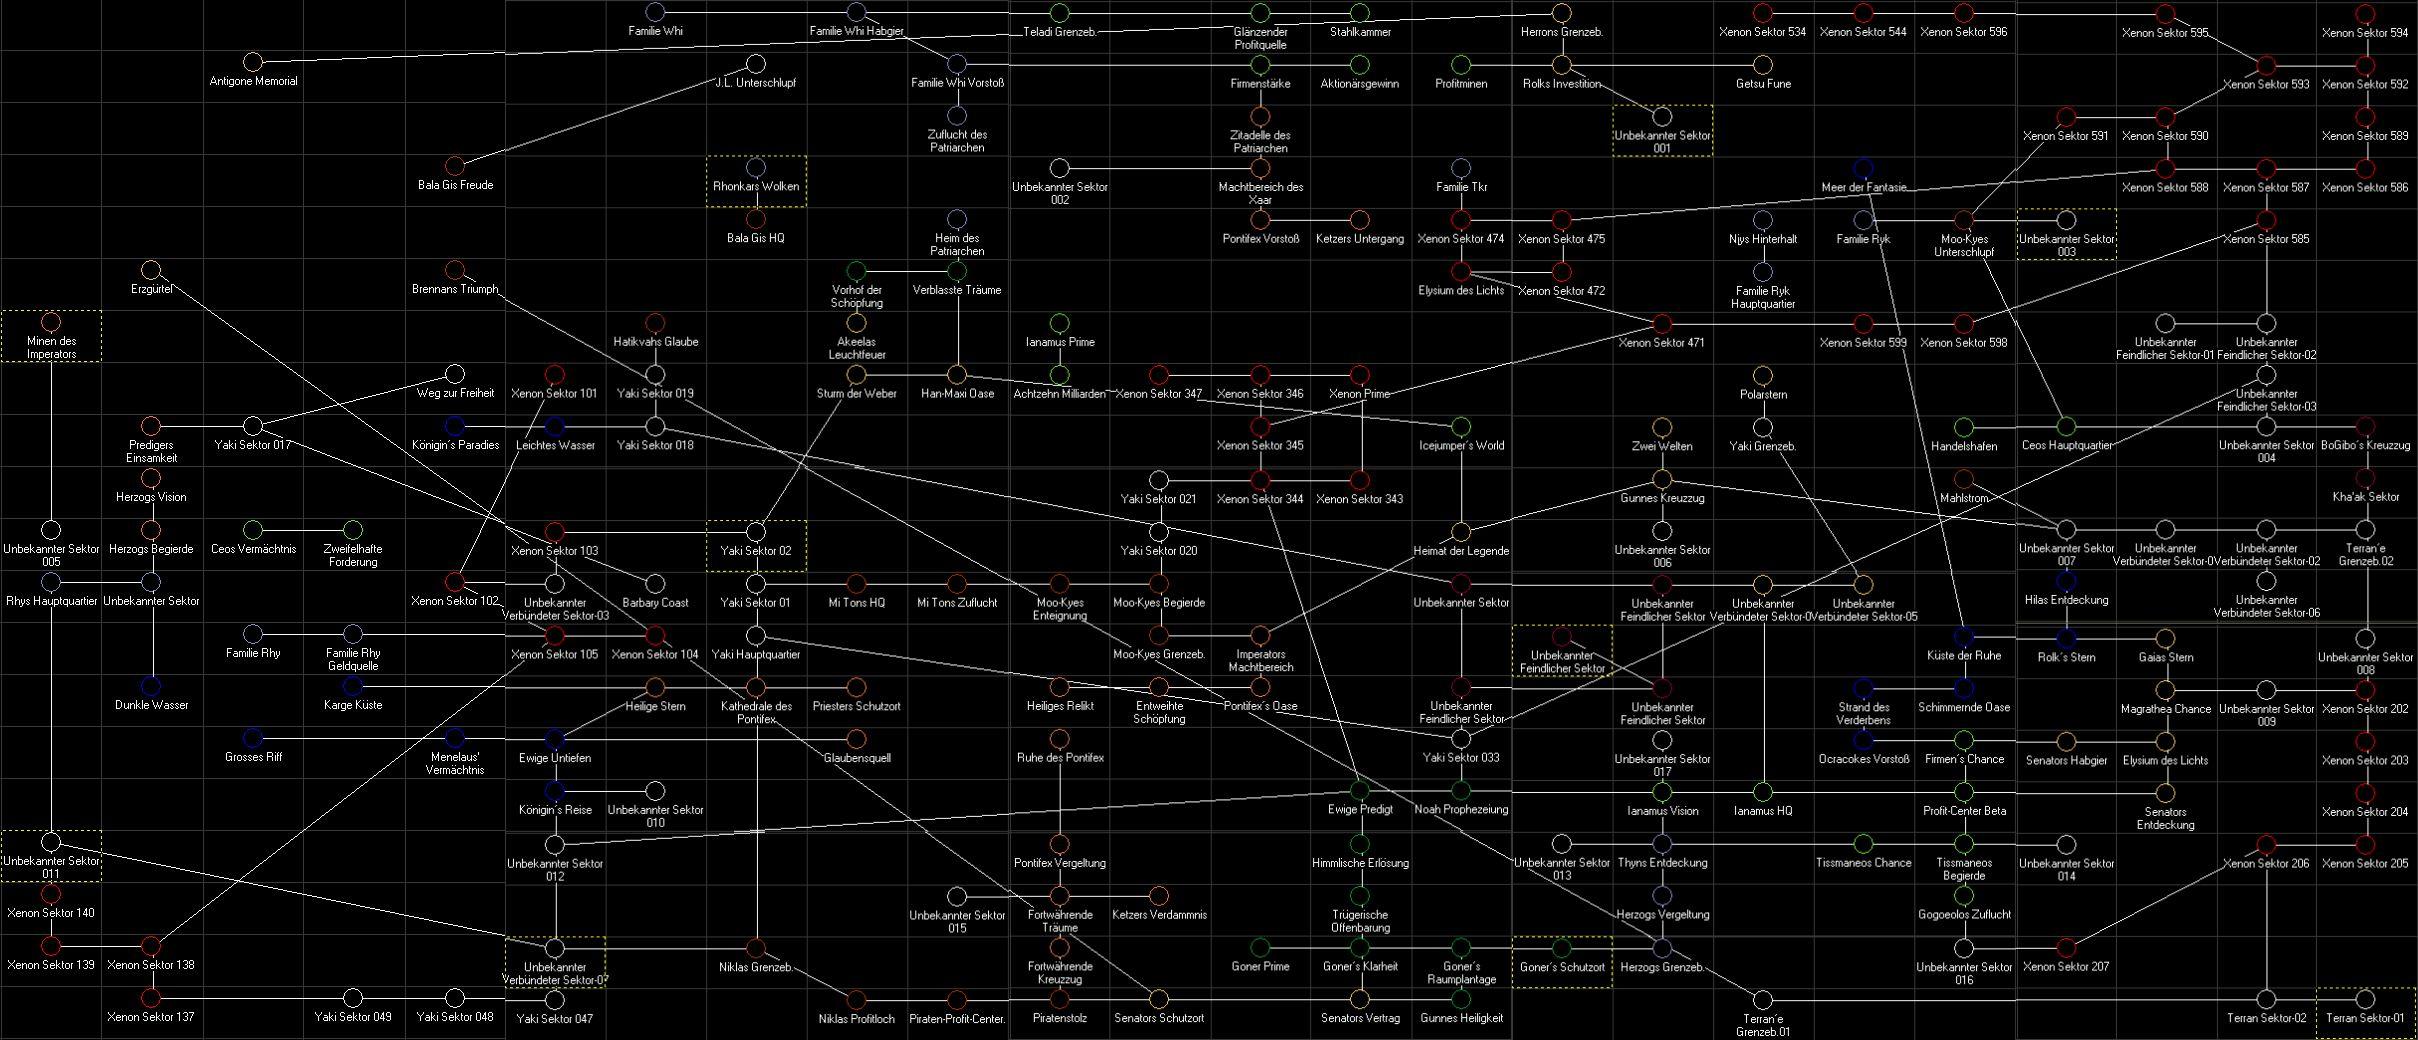 Www X3 De Karte